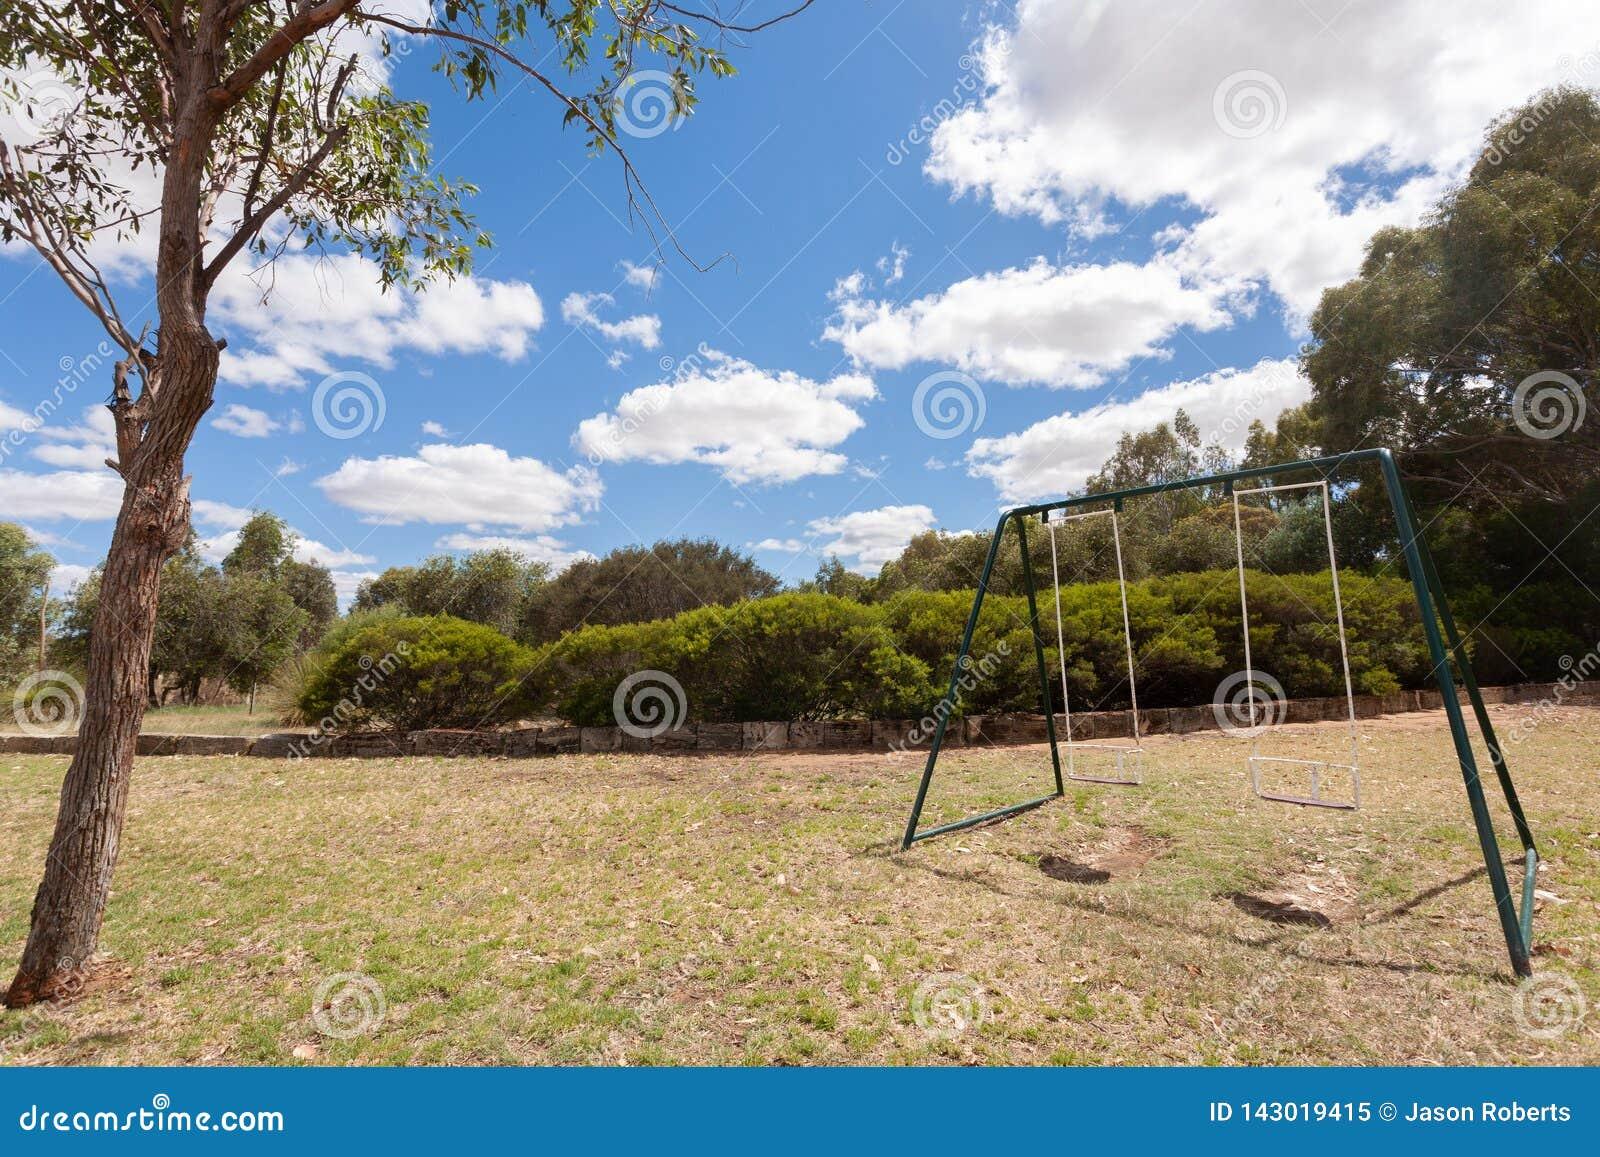 Due oscillazioni vuote su erba con un piccolo albero nella priorità alta sotto un cielo blu con alcune nuvole bianche